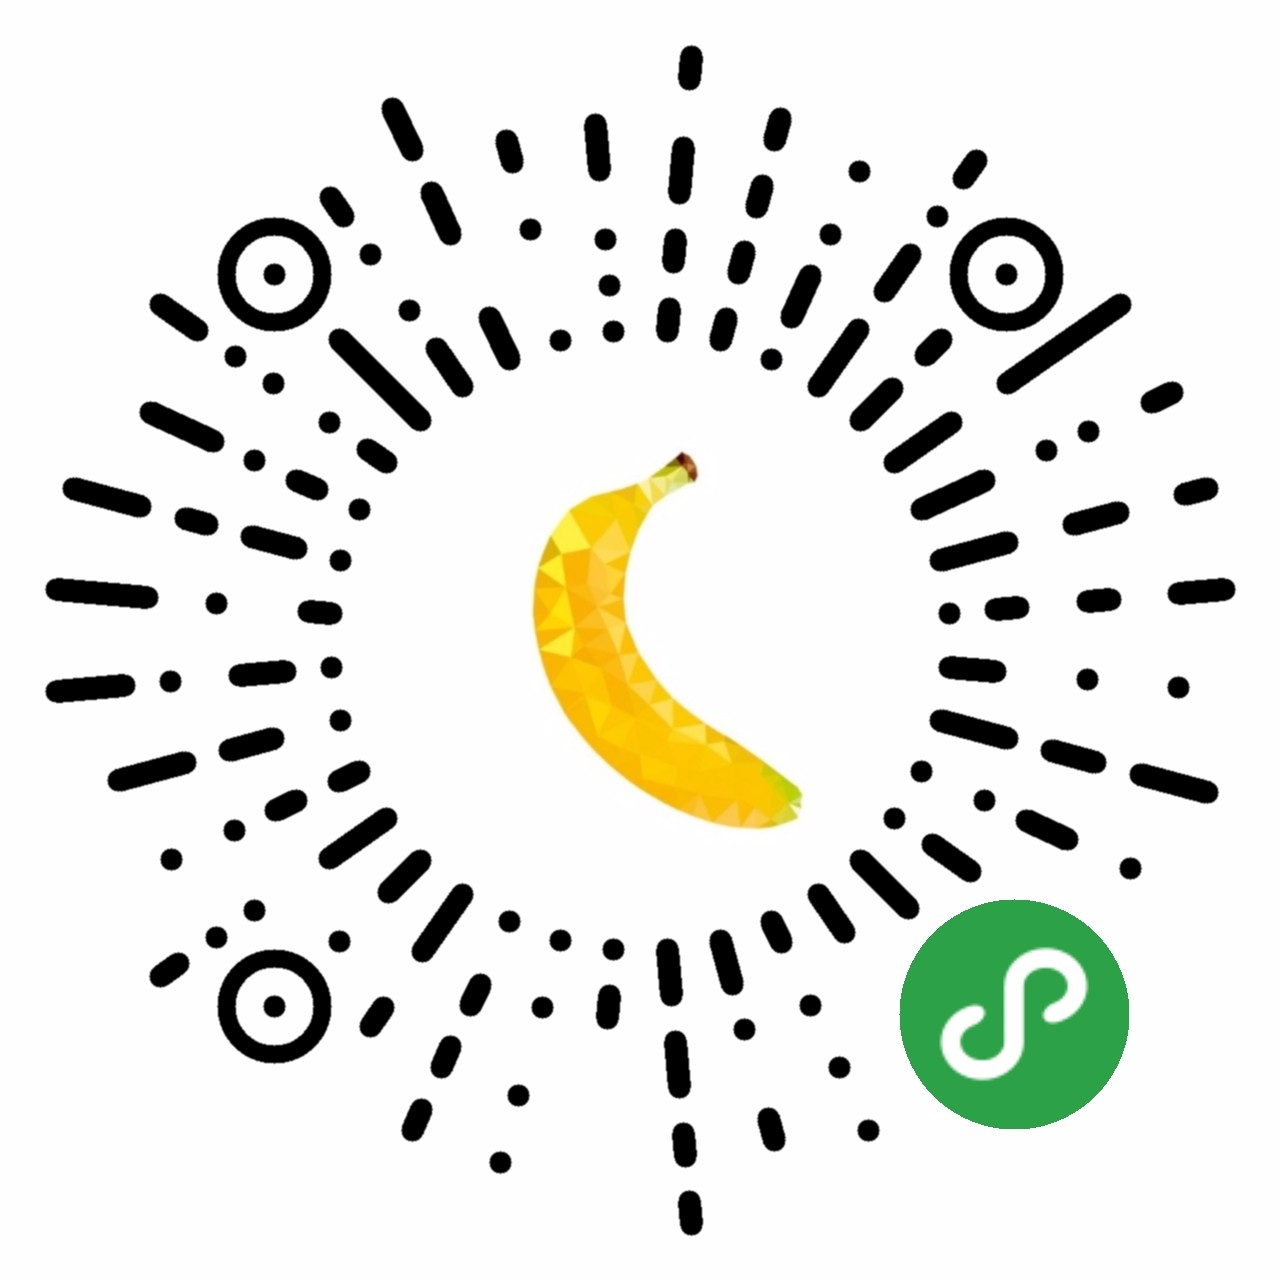 香蕉打码-微信小程序二维码